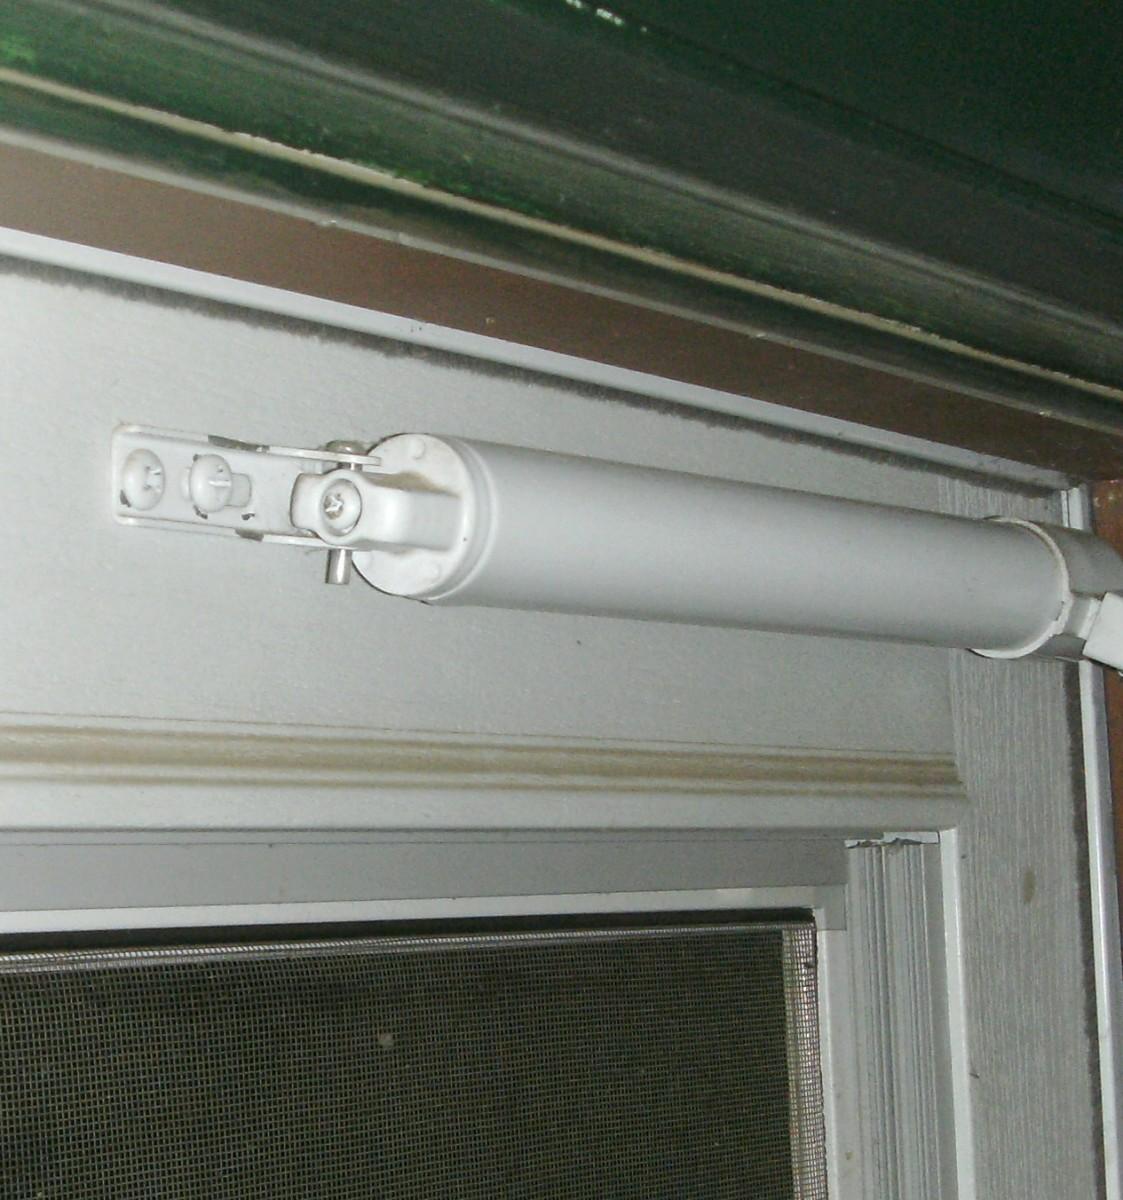 Door closer adjustment screw